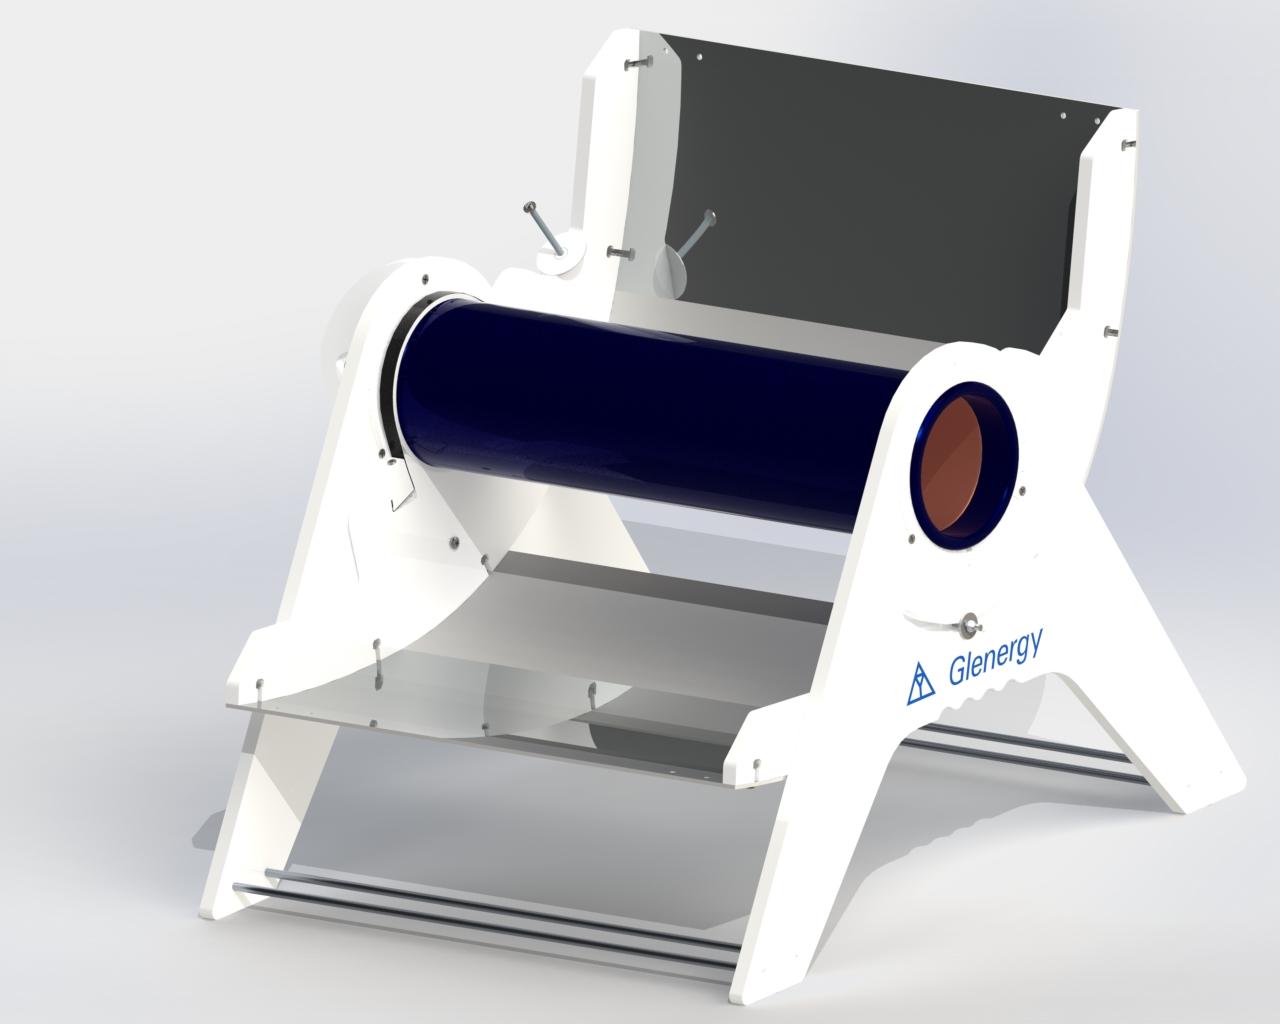 Glenergy's Vacuum Solar Cooker